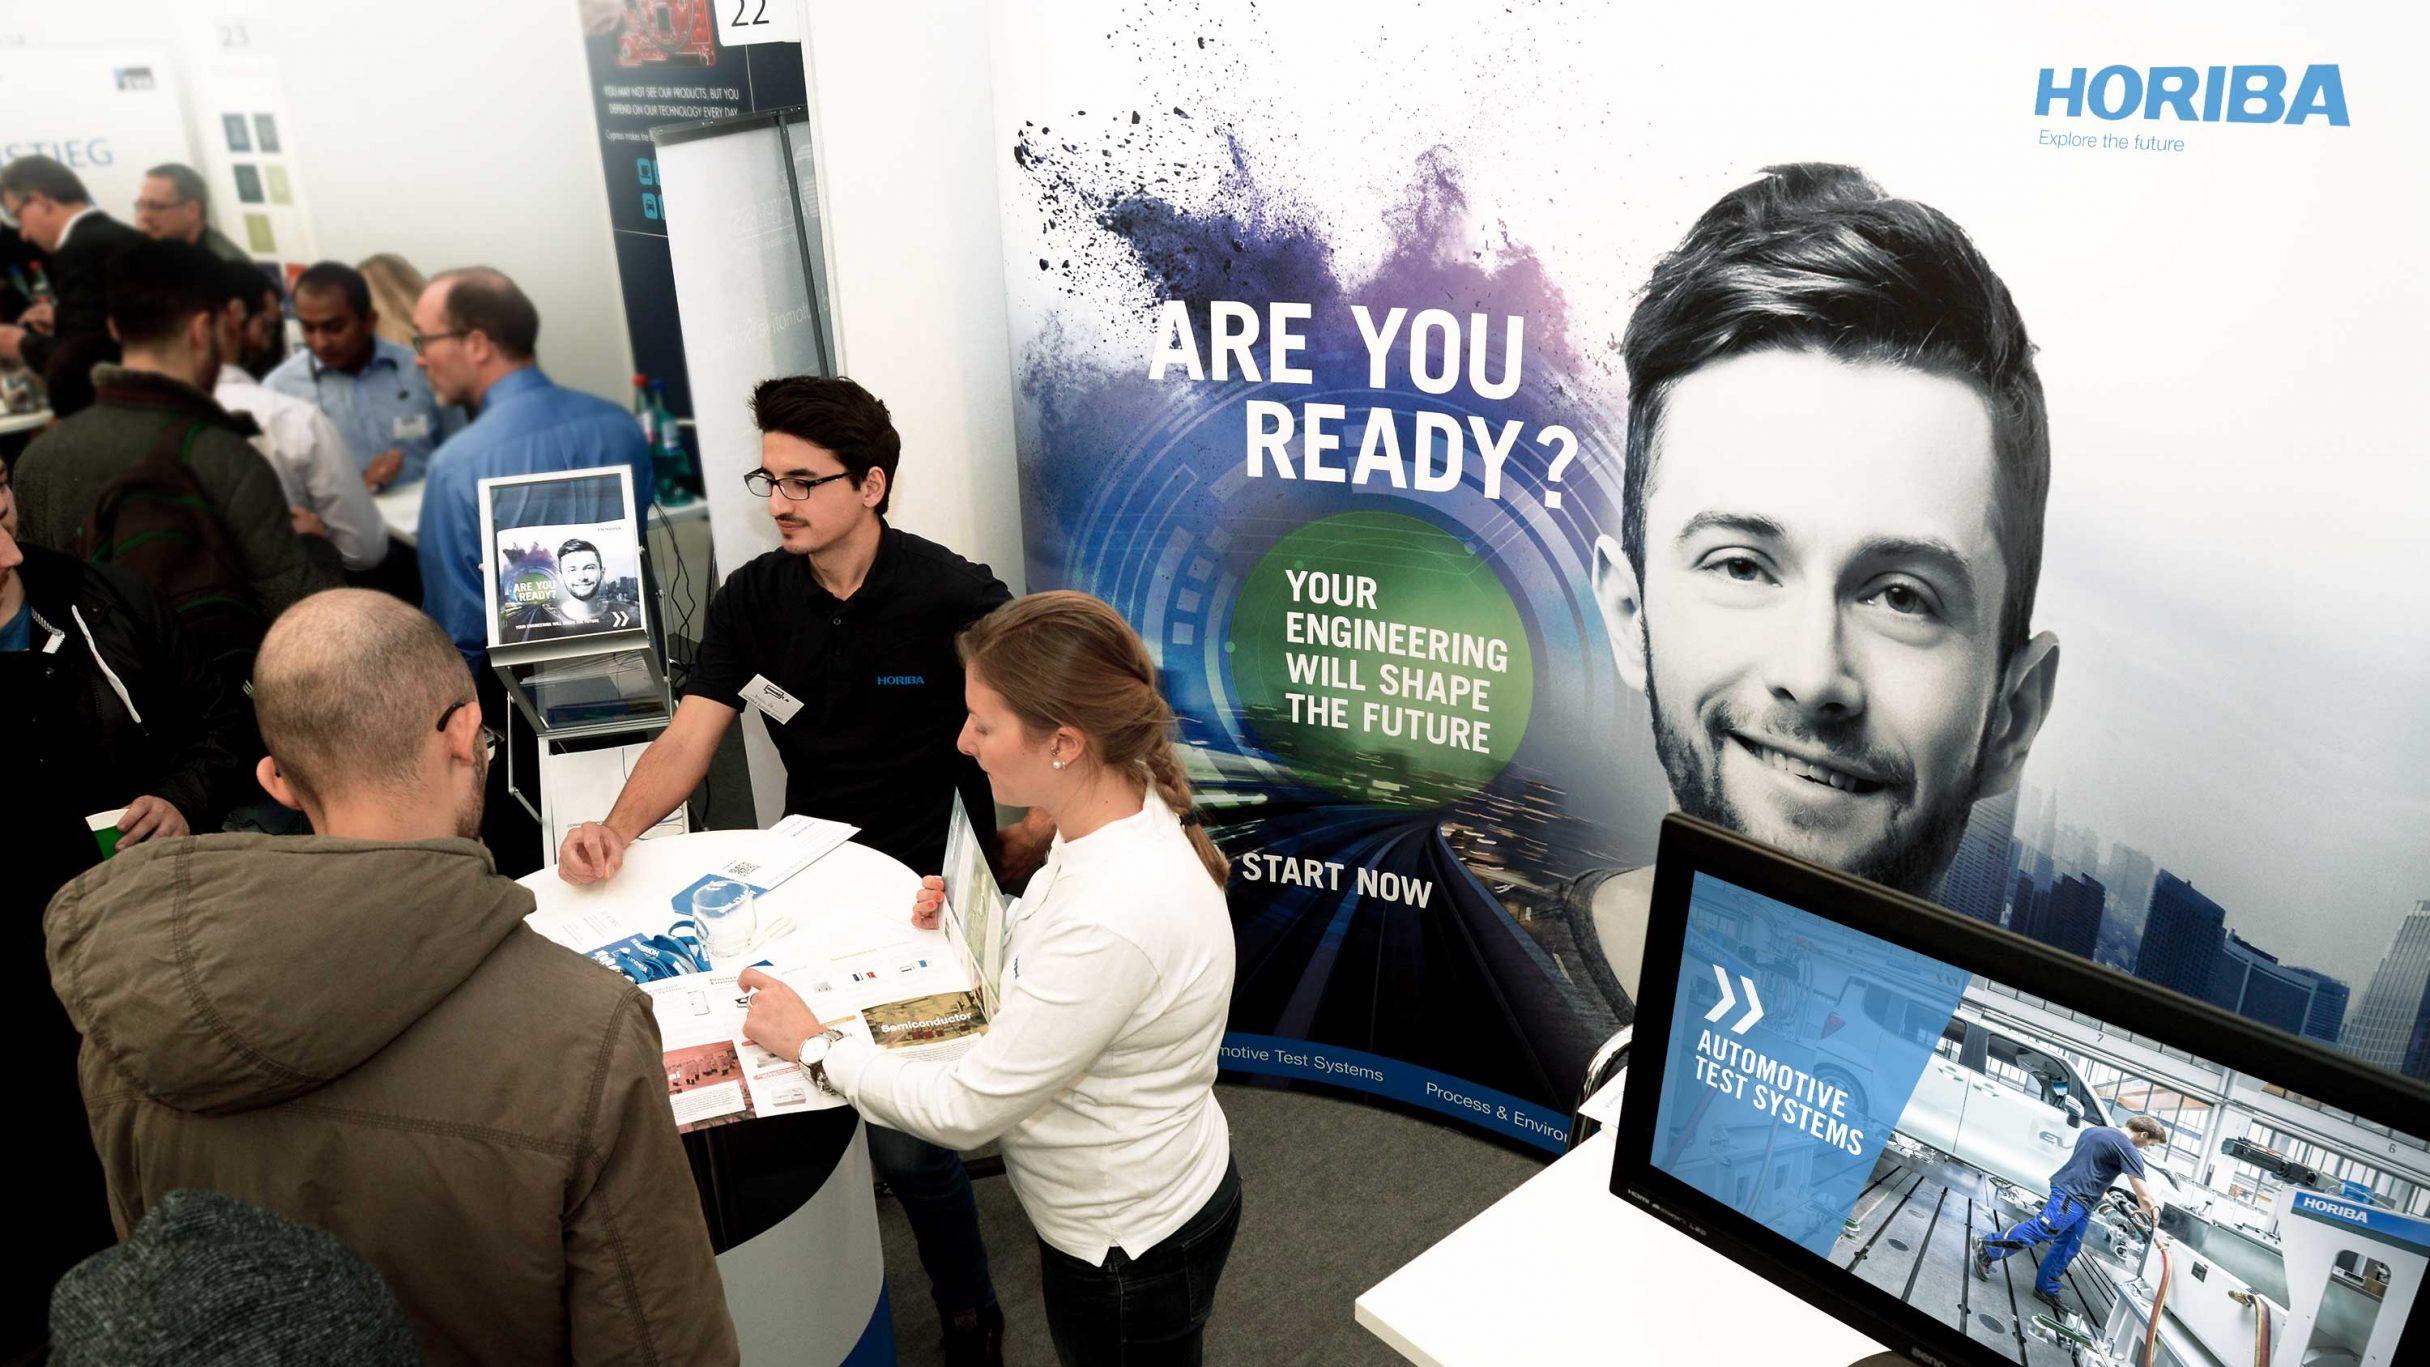 Recruiting Messedesign, Messebanner für HORIBA: DIE NEUDENKER® Agentur, Darmstadt